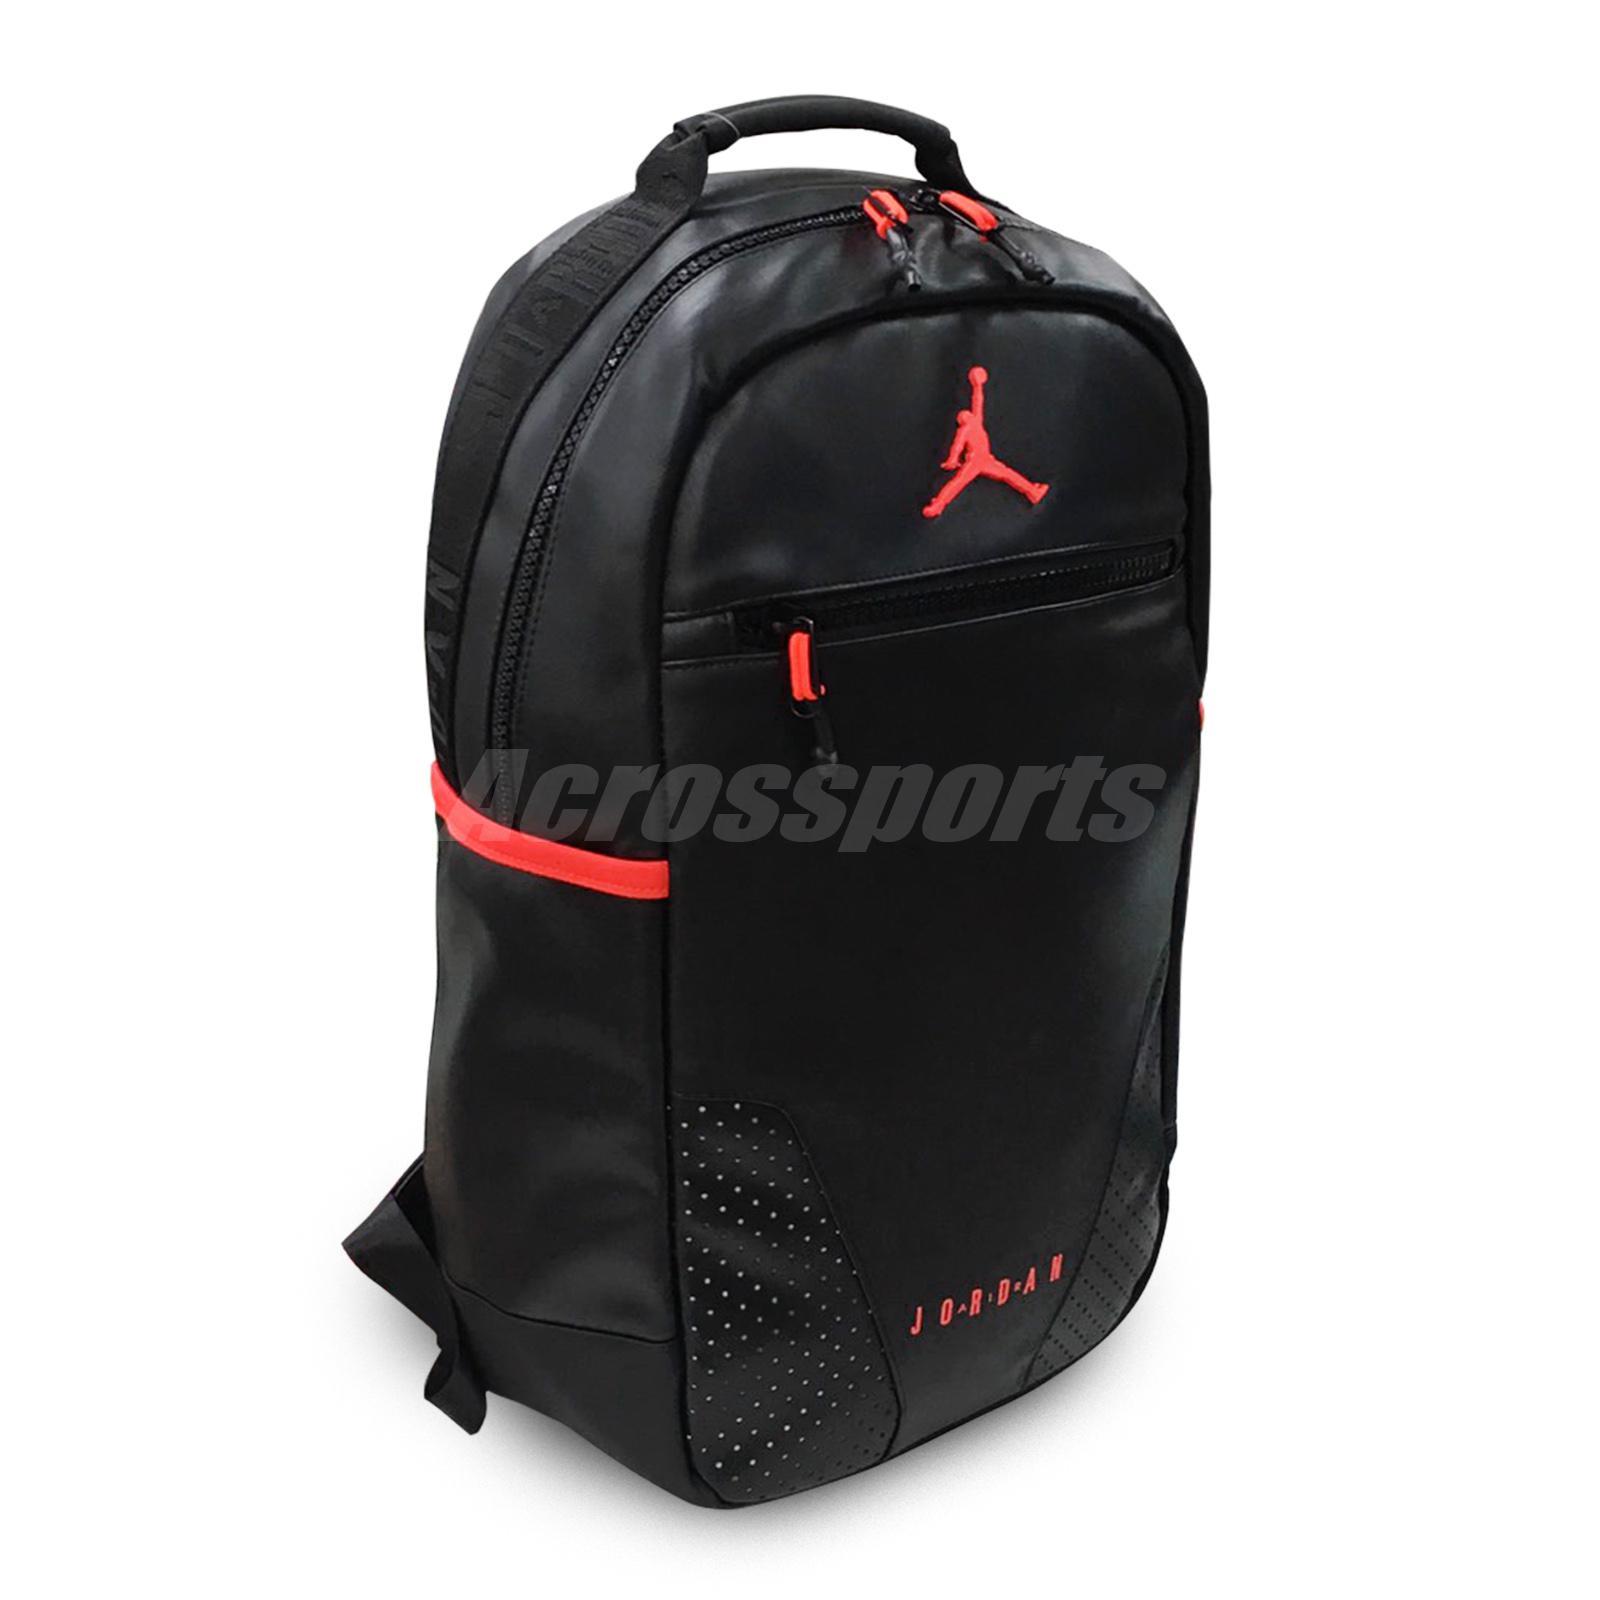 Details about Nike Air Jordan Retro 6 IV Infrared Black Red PSG Backpack  2019 OG 9A0259-023